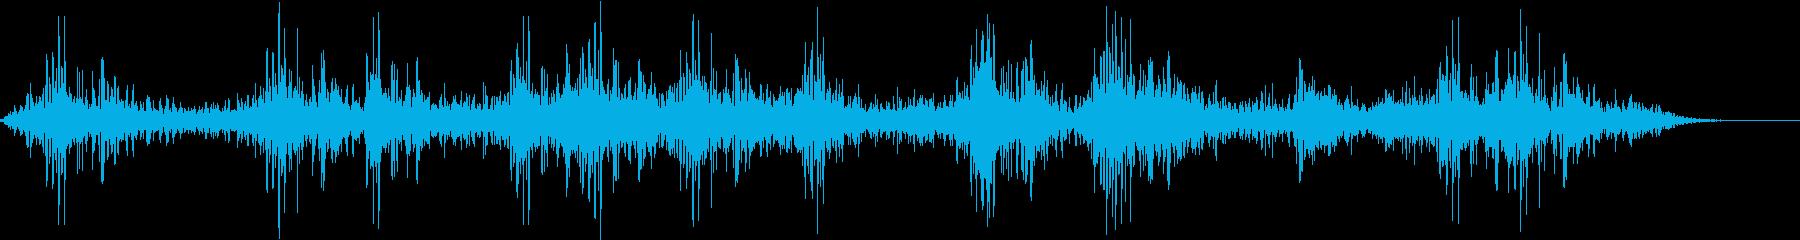 【ホラー系】暗闇の向こうへ進むような曲の再生済みの波形